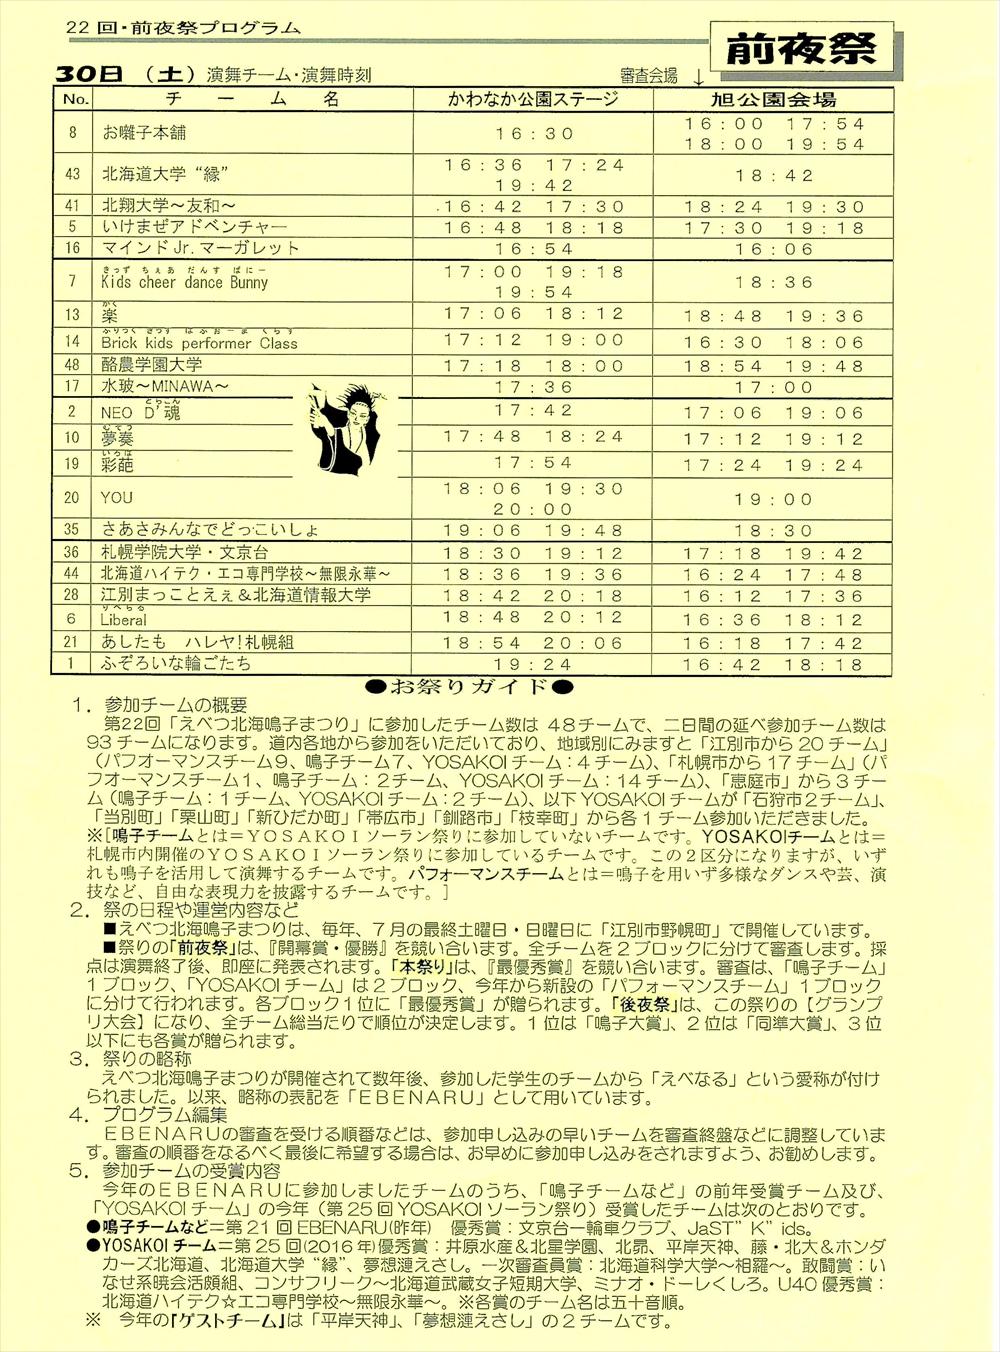 えべつ北海鳴子まつり2016出場チーム一覧1